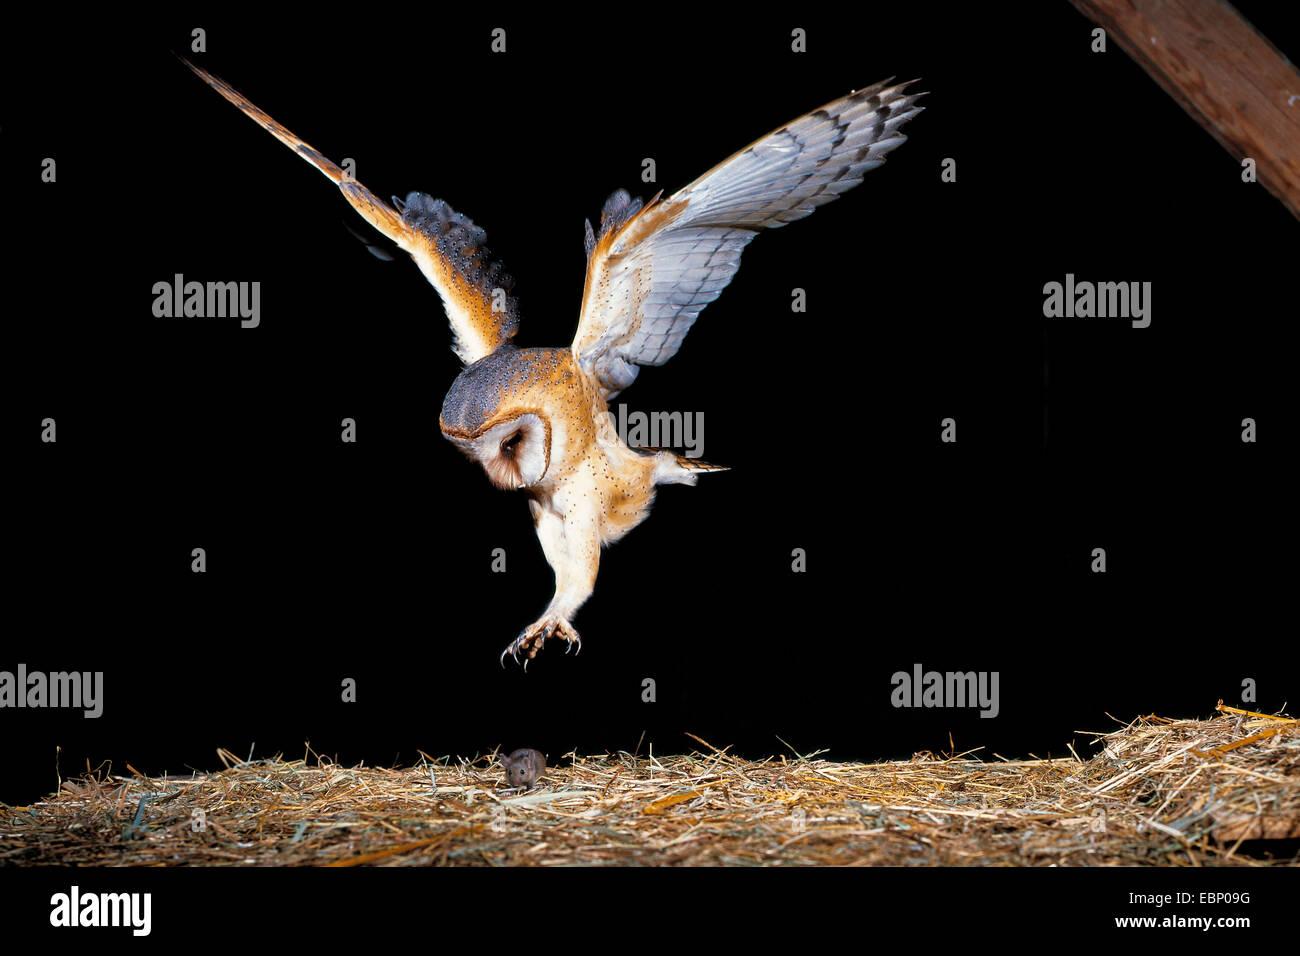 Lechuza de Campanario (Tyto alba), prensión después de un ratón en un granero, Alemania Imagen De Stock